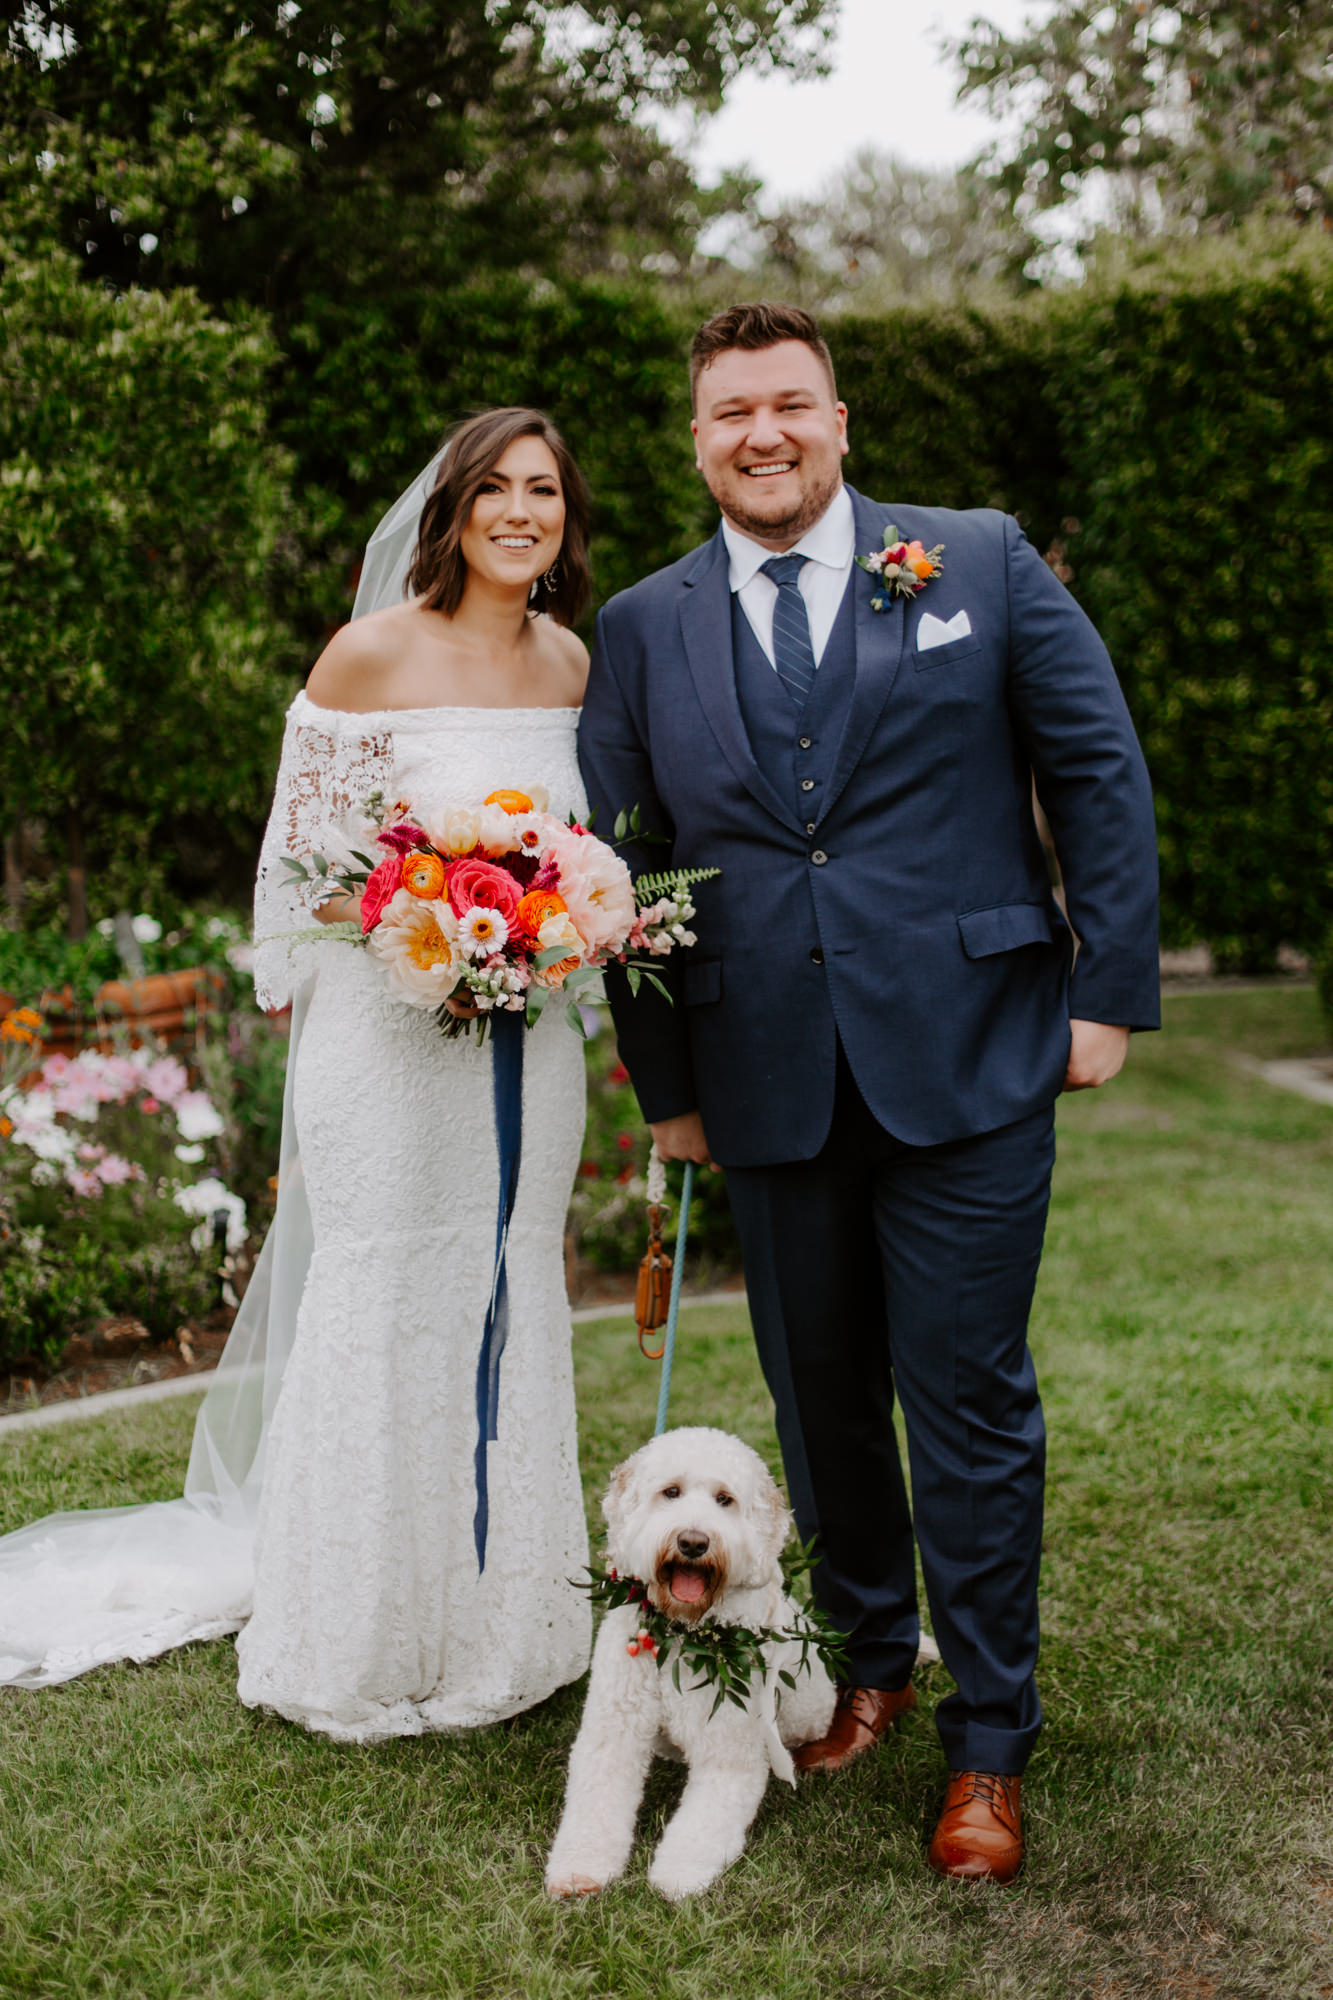 Rancho bernardo Inn san deigo wedding photography0035.jpg